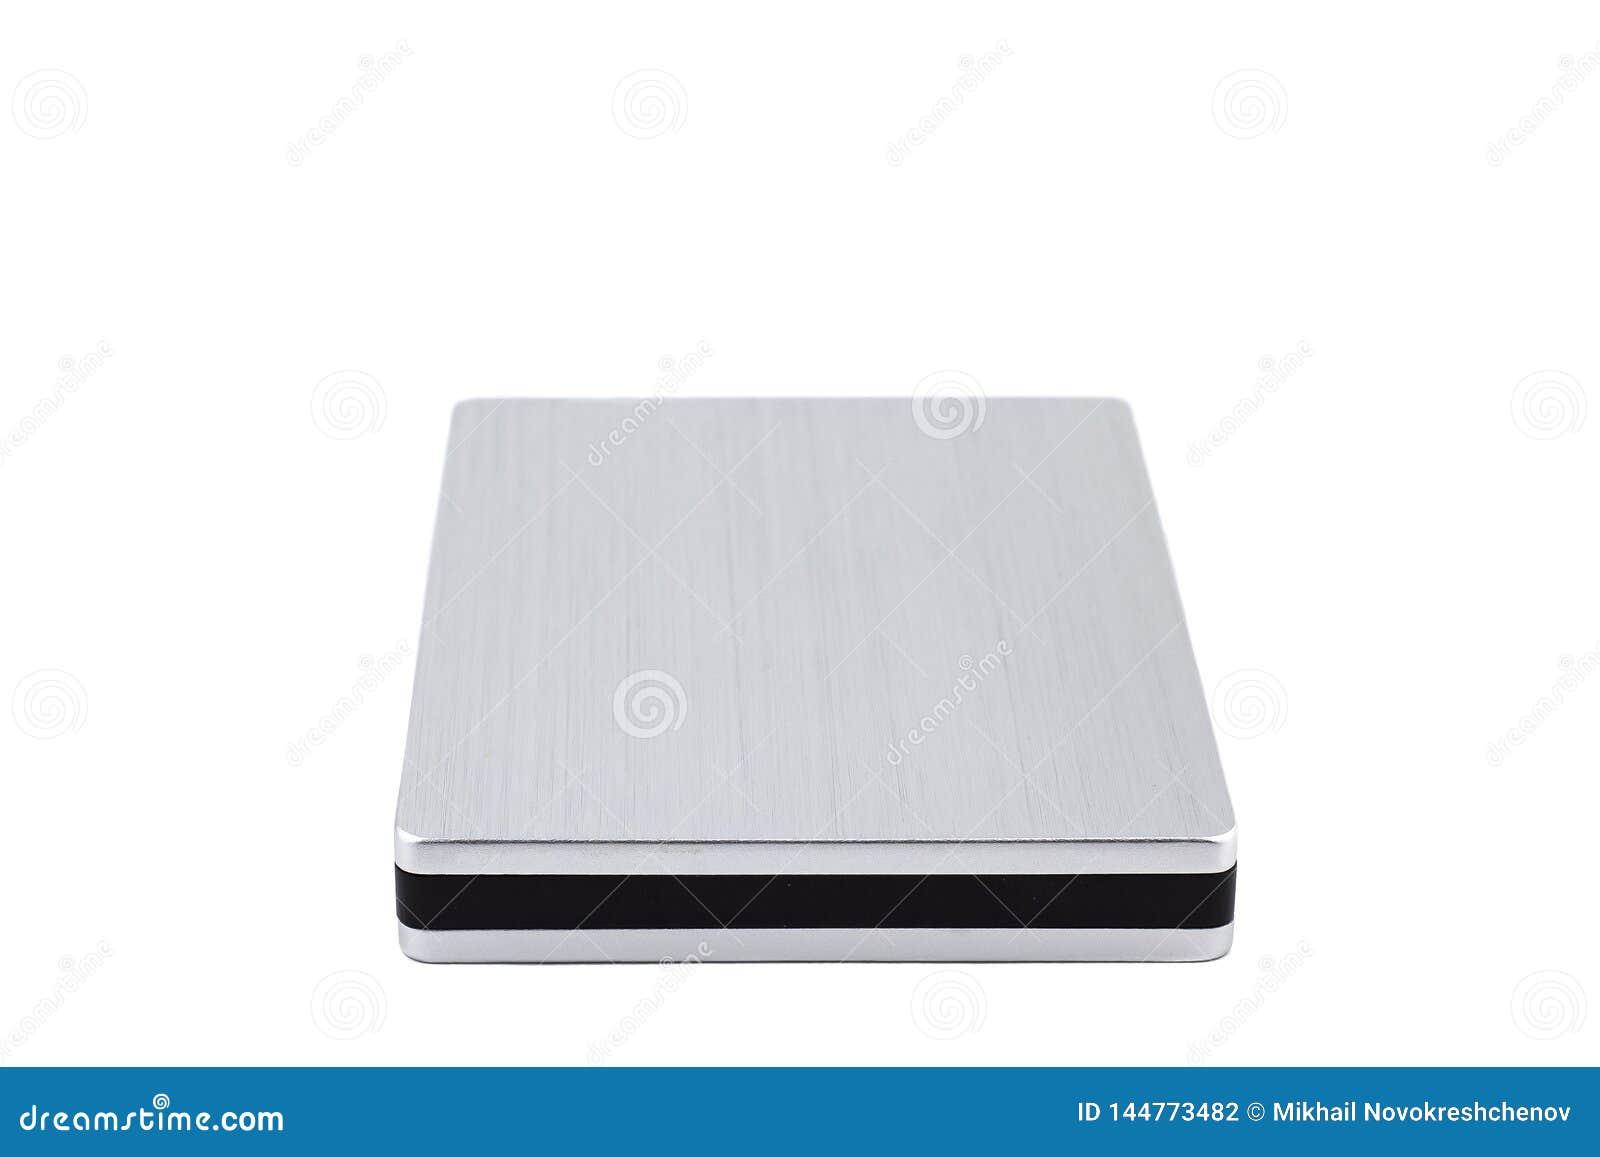 Externe Festplatte getrennt auf wei?em Hintergrund